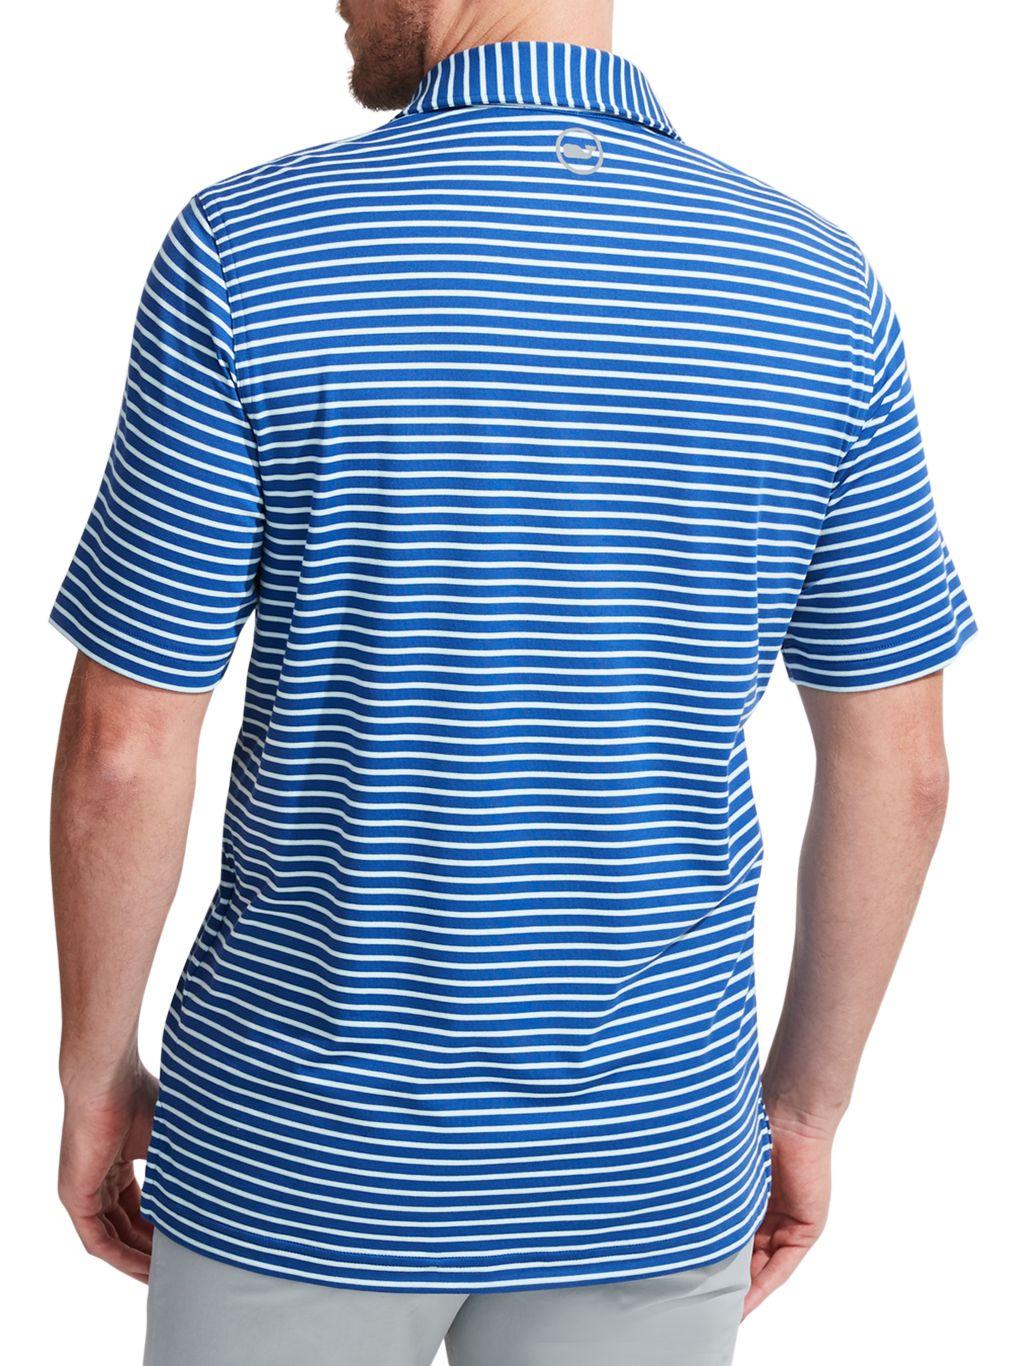 Vineyard Vines Jim Nantz Cypress Stripe Polo T-Shirt